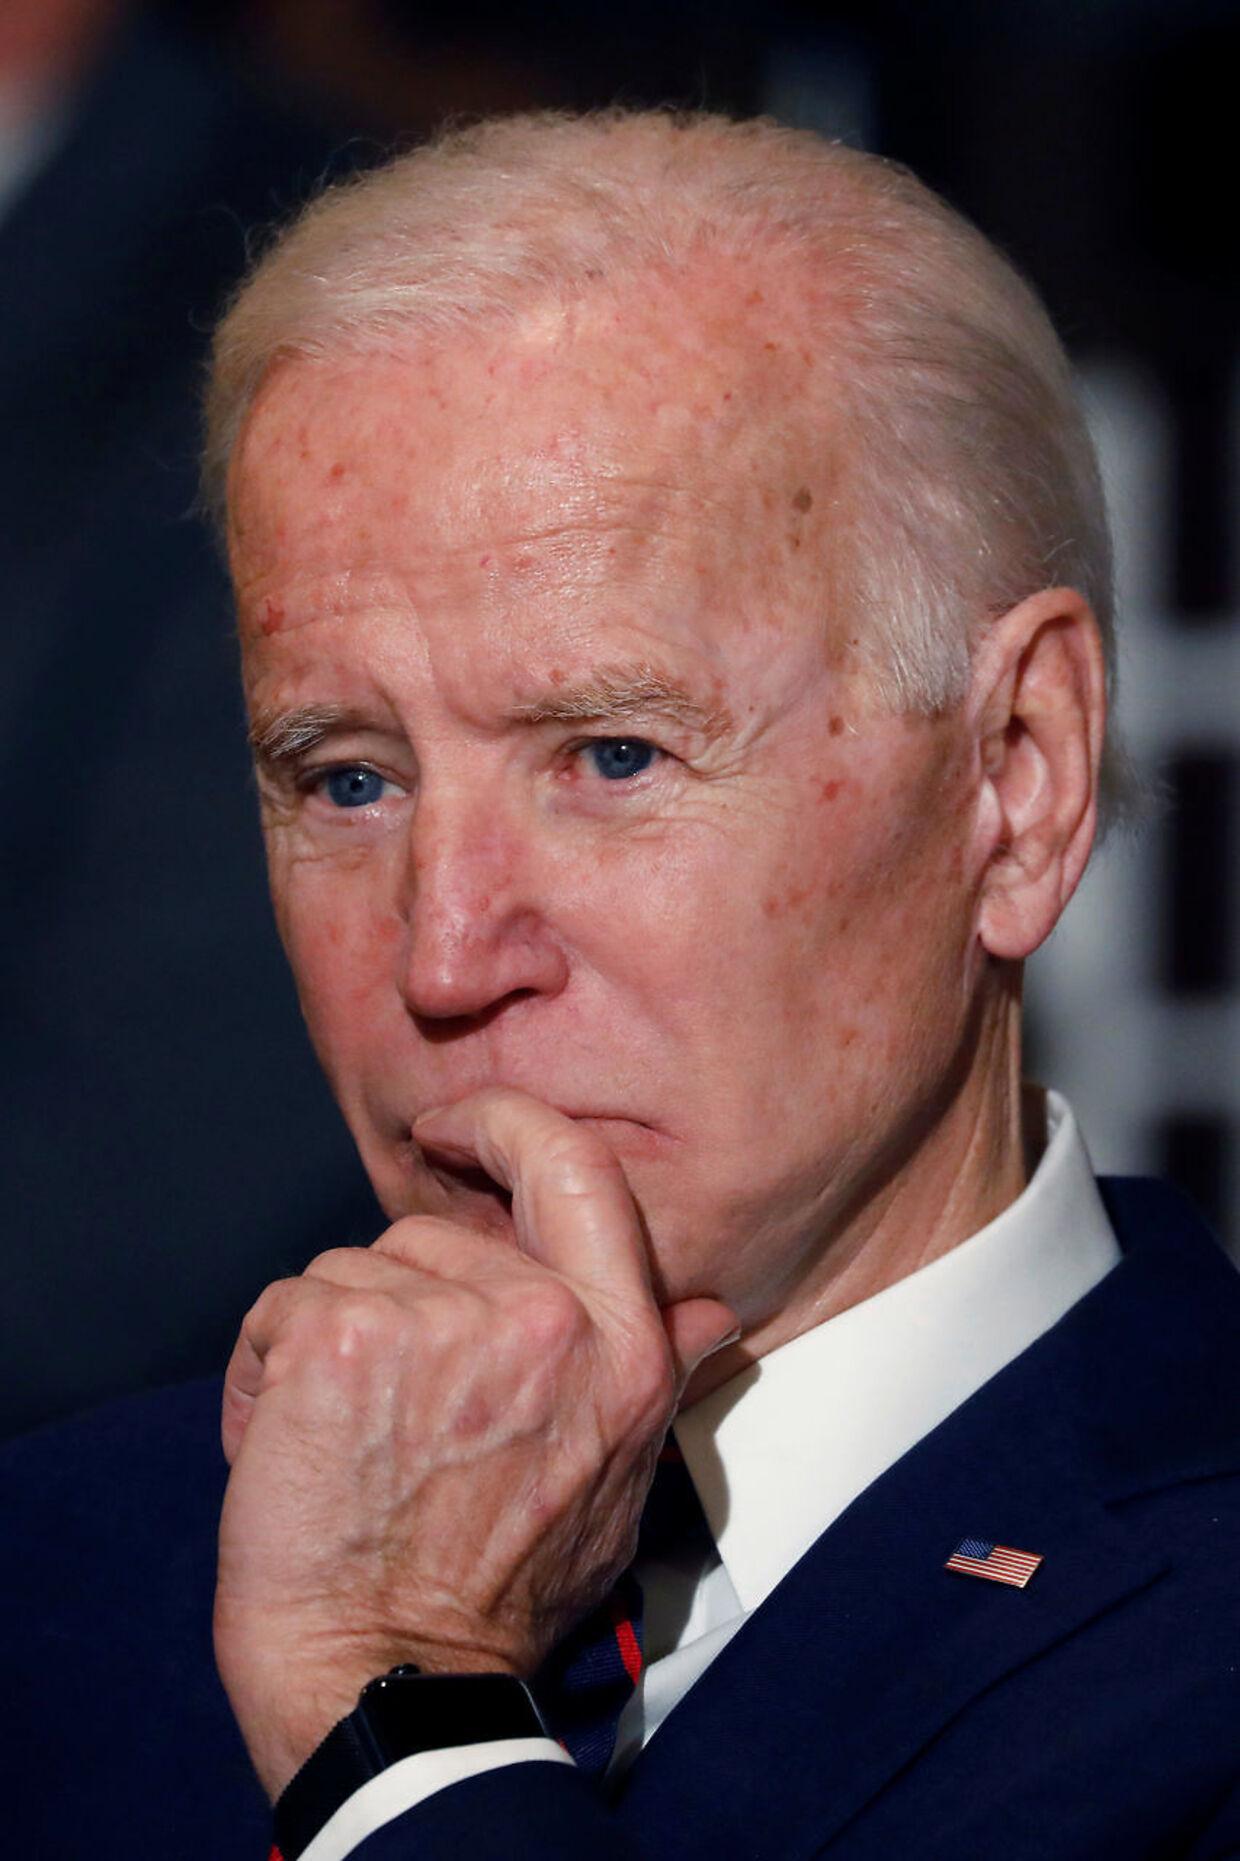 Joe Biden er ifølge samtlige menigsmålinger stadig den demokratiske præsidentkandidat, der har bedst chancer for at vinde over Donald Trump til november.